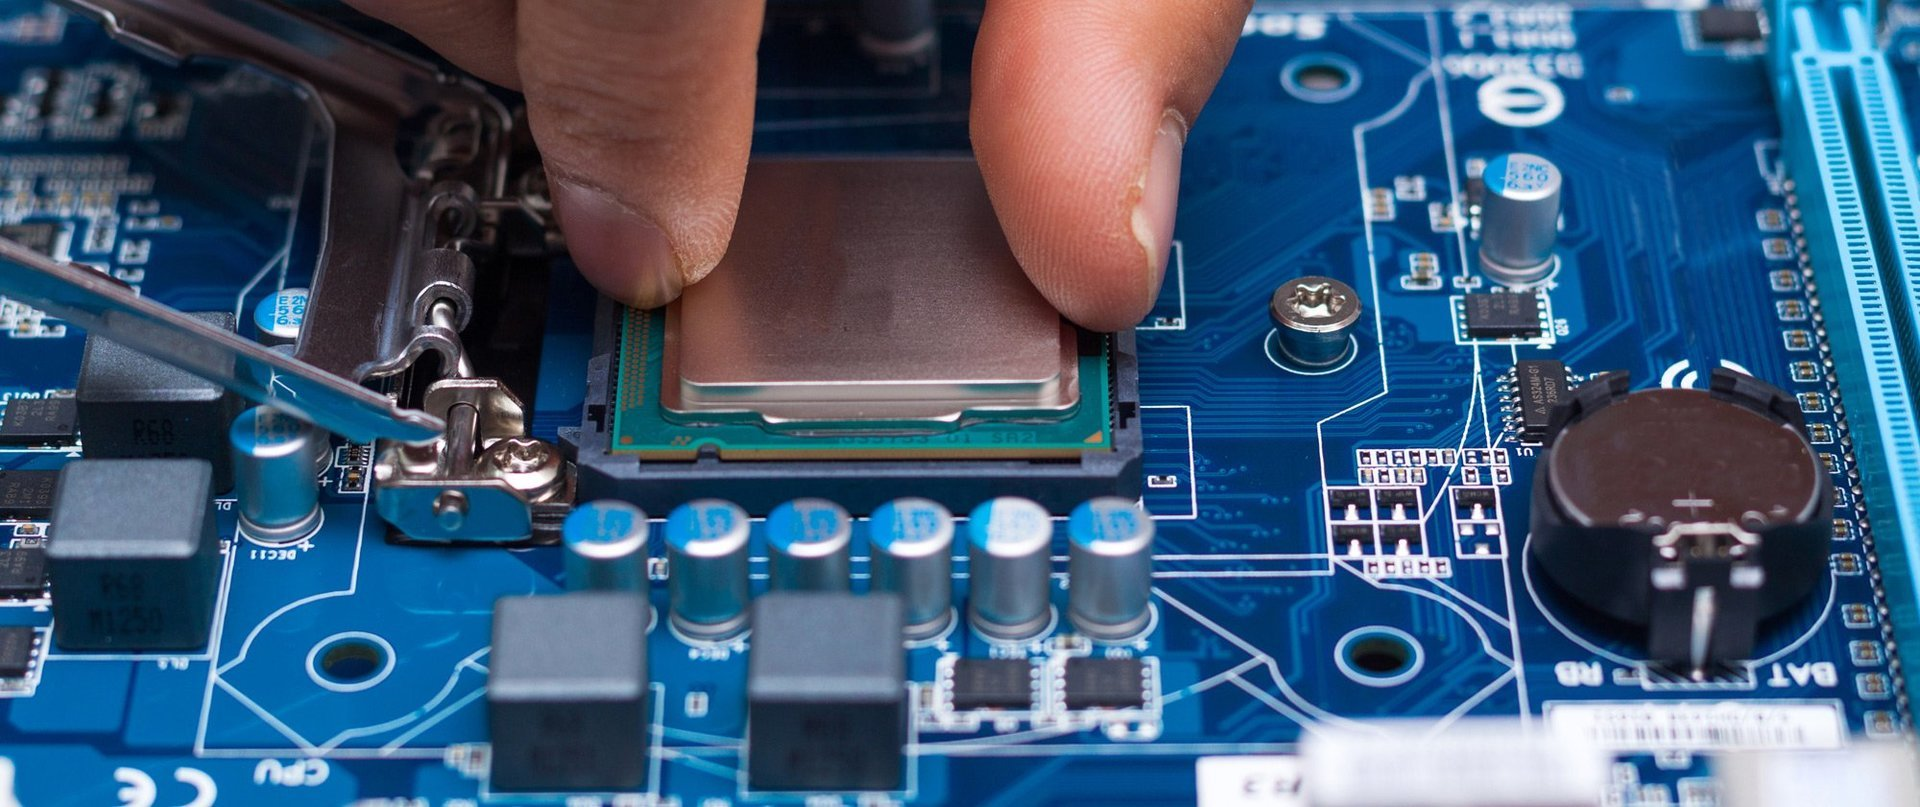 riparazione di un cellulare